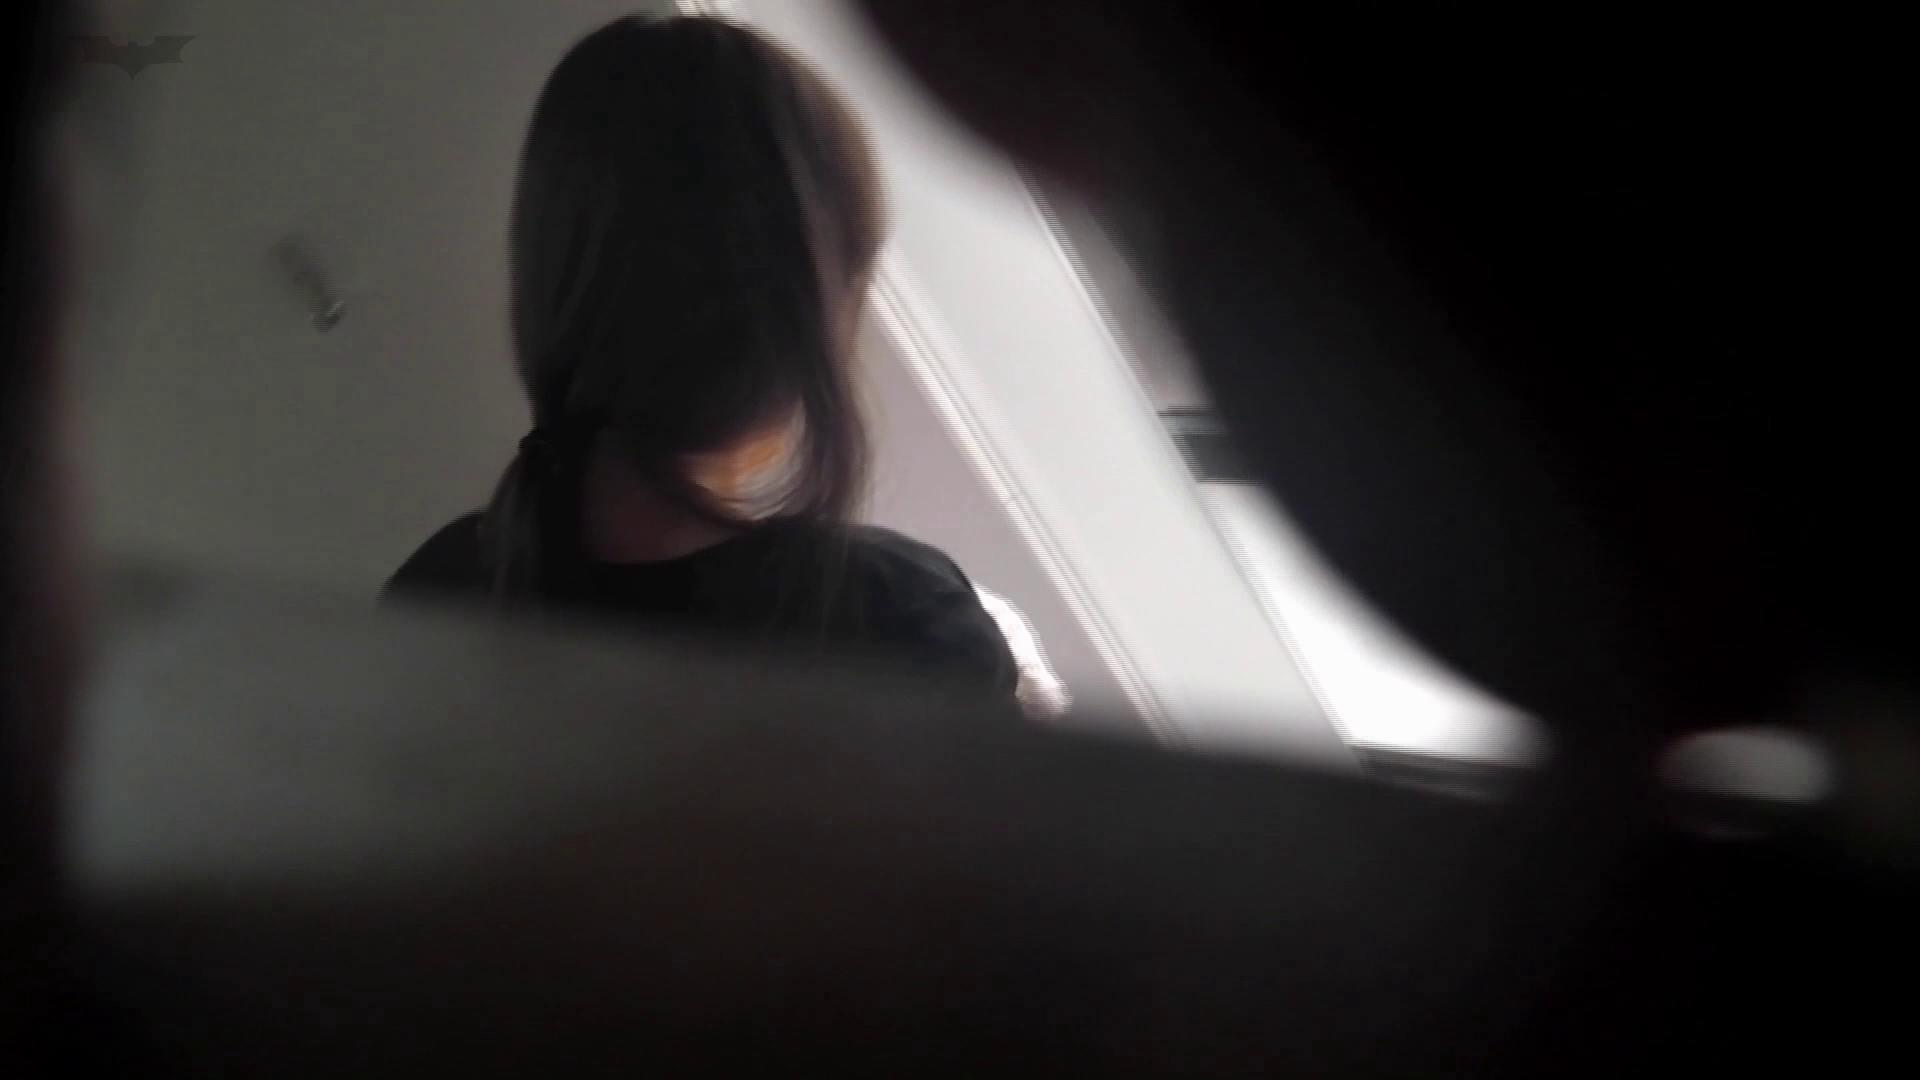 ステーション編 vol40 更に画質アップ!!無料動画のモデルつい登場3 高画質 | 盛合せ  91画像 49